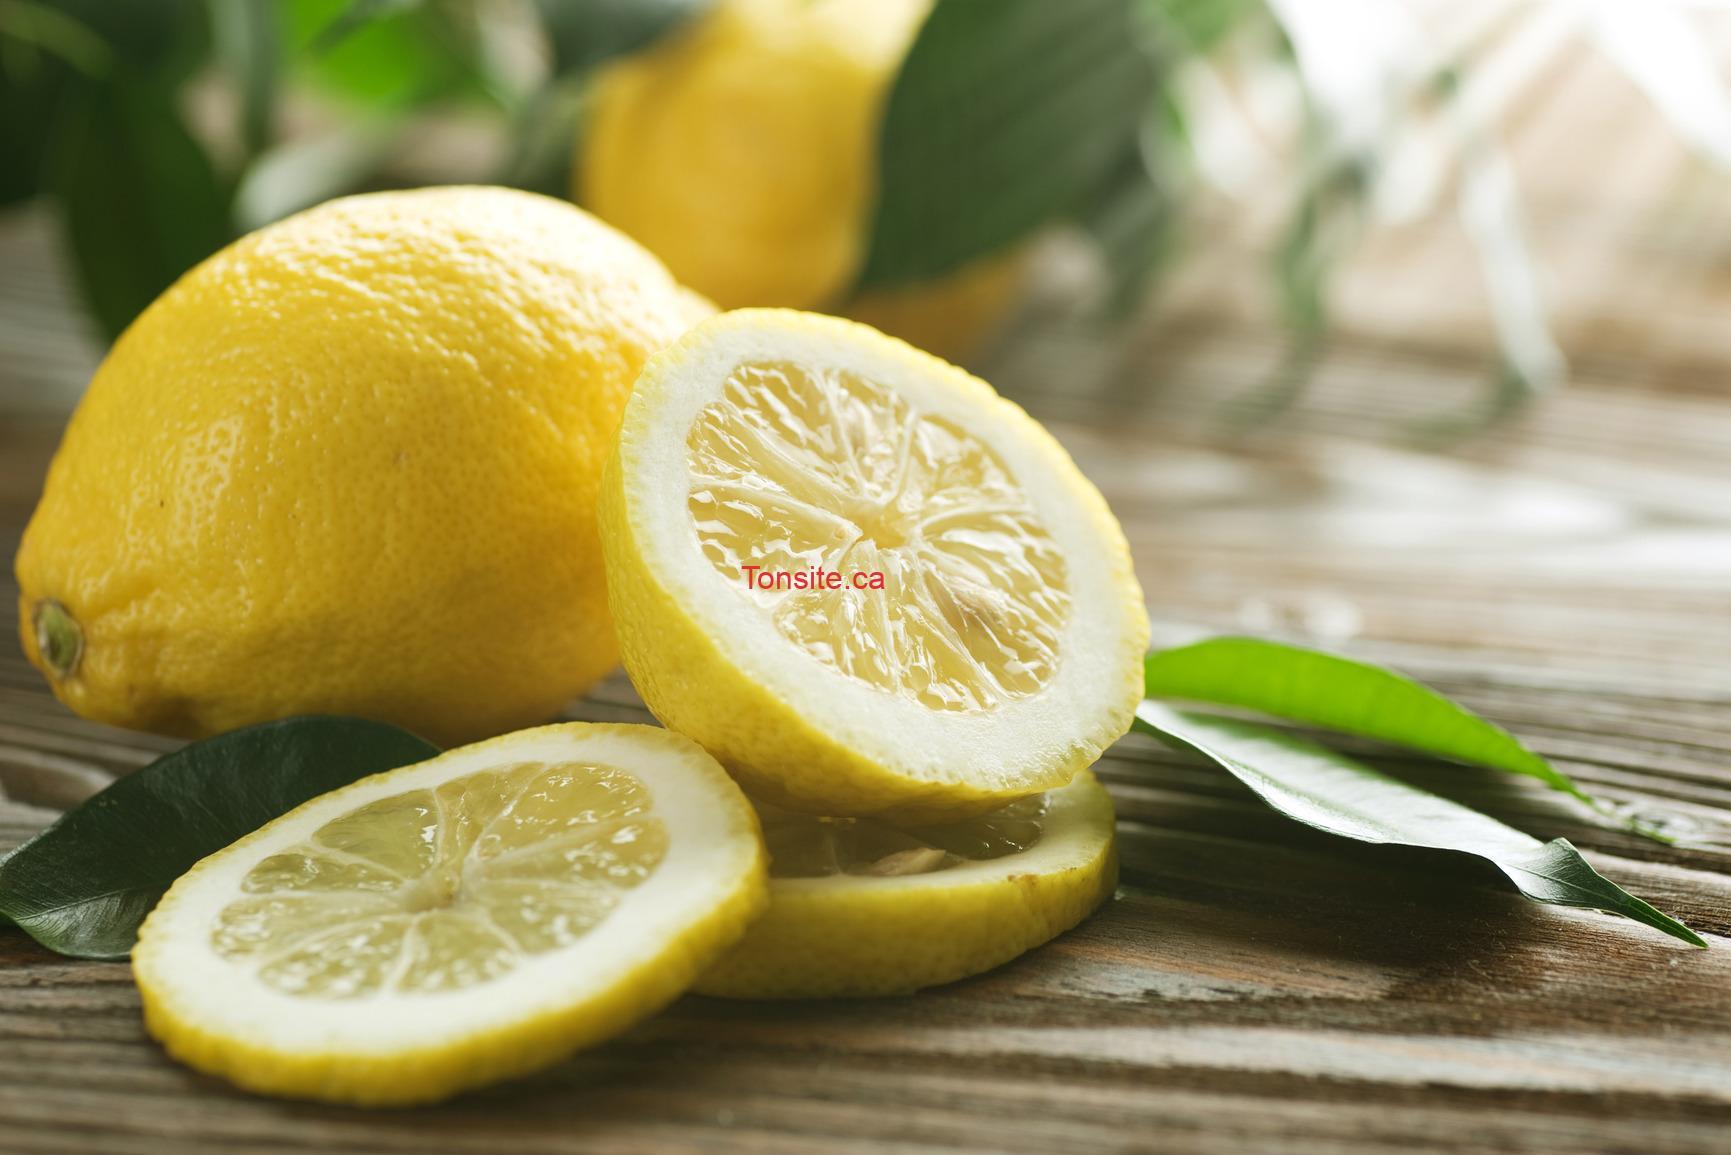 photodune 1471593 lemon m - 10 Frozen Cocktails based on Lemon